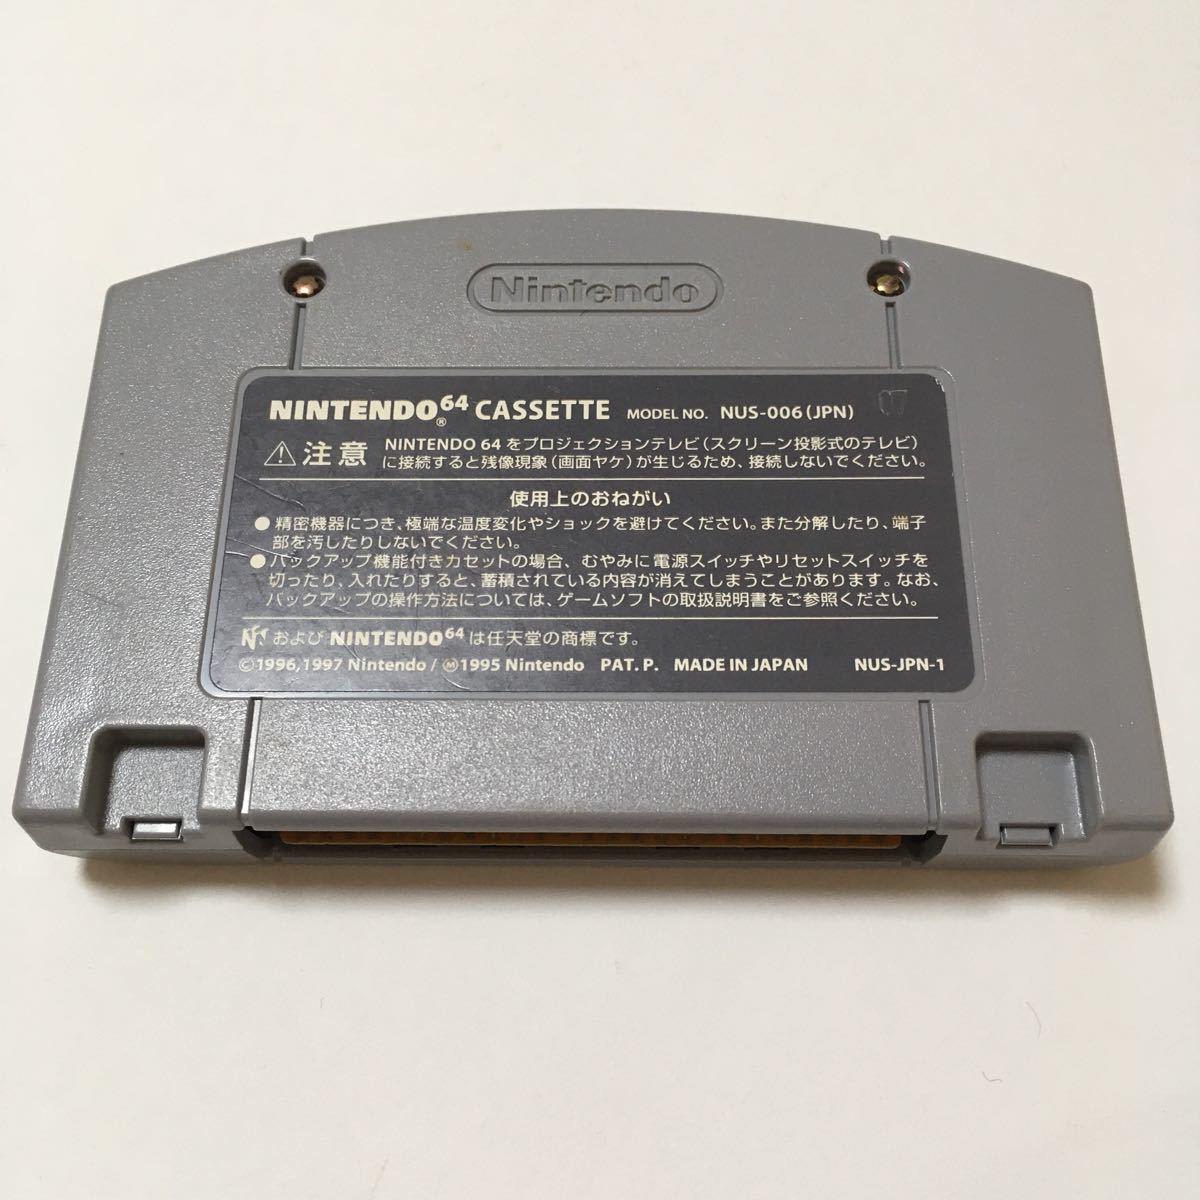 ニンテンドー64 ソフト バーチャルプロレスリング64  動作確認済み カセット レトロ ゲーム 任天堂 スポーツ